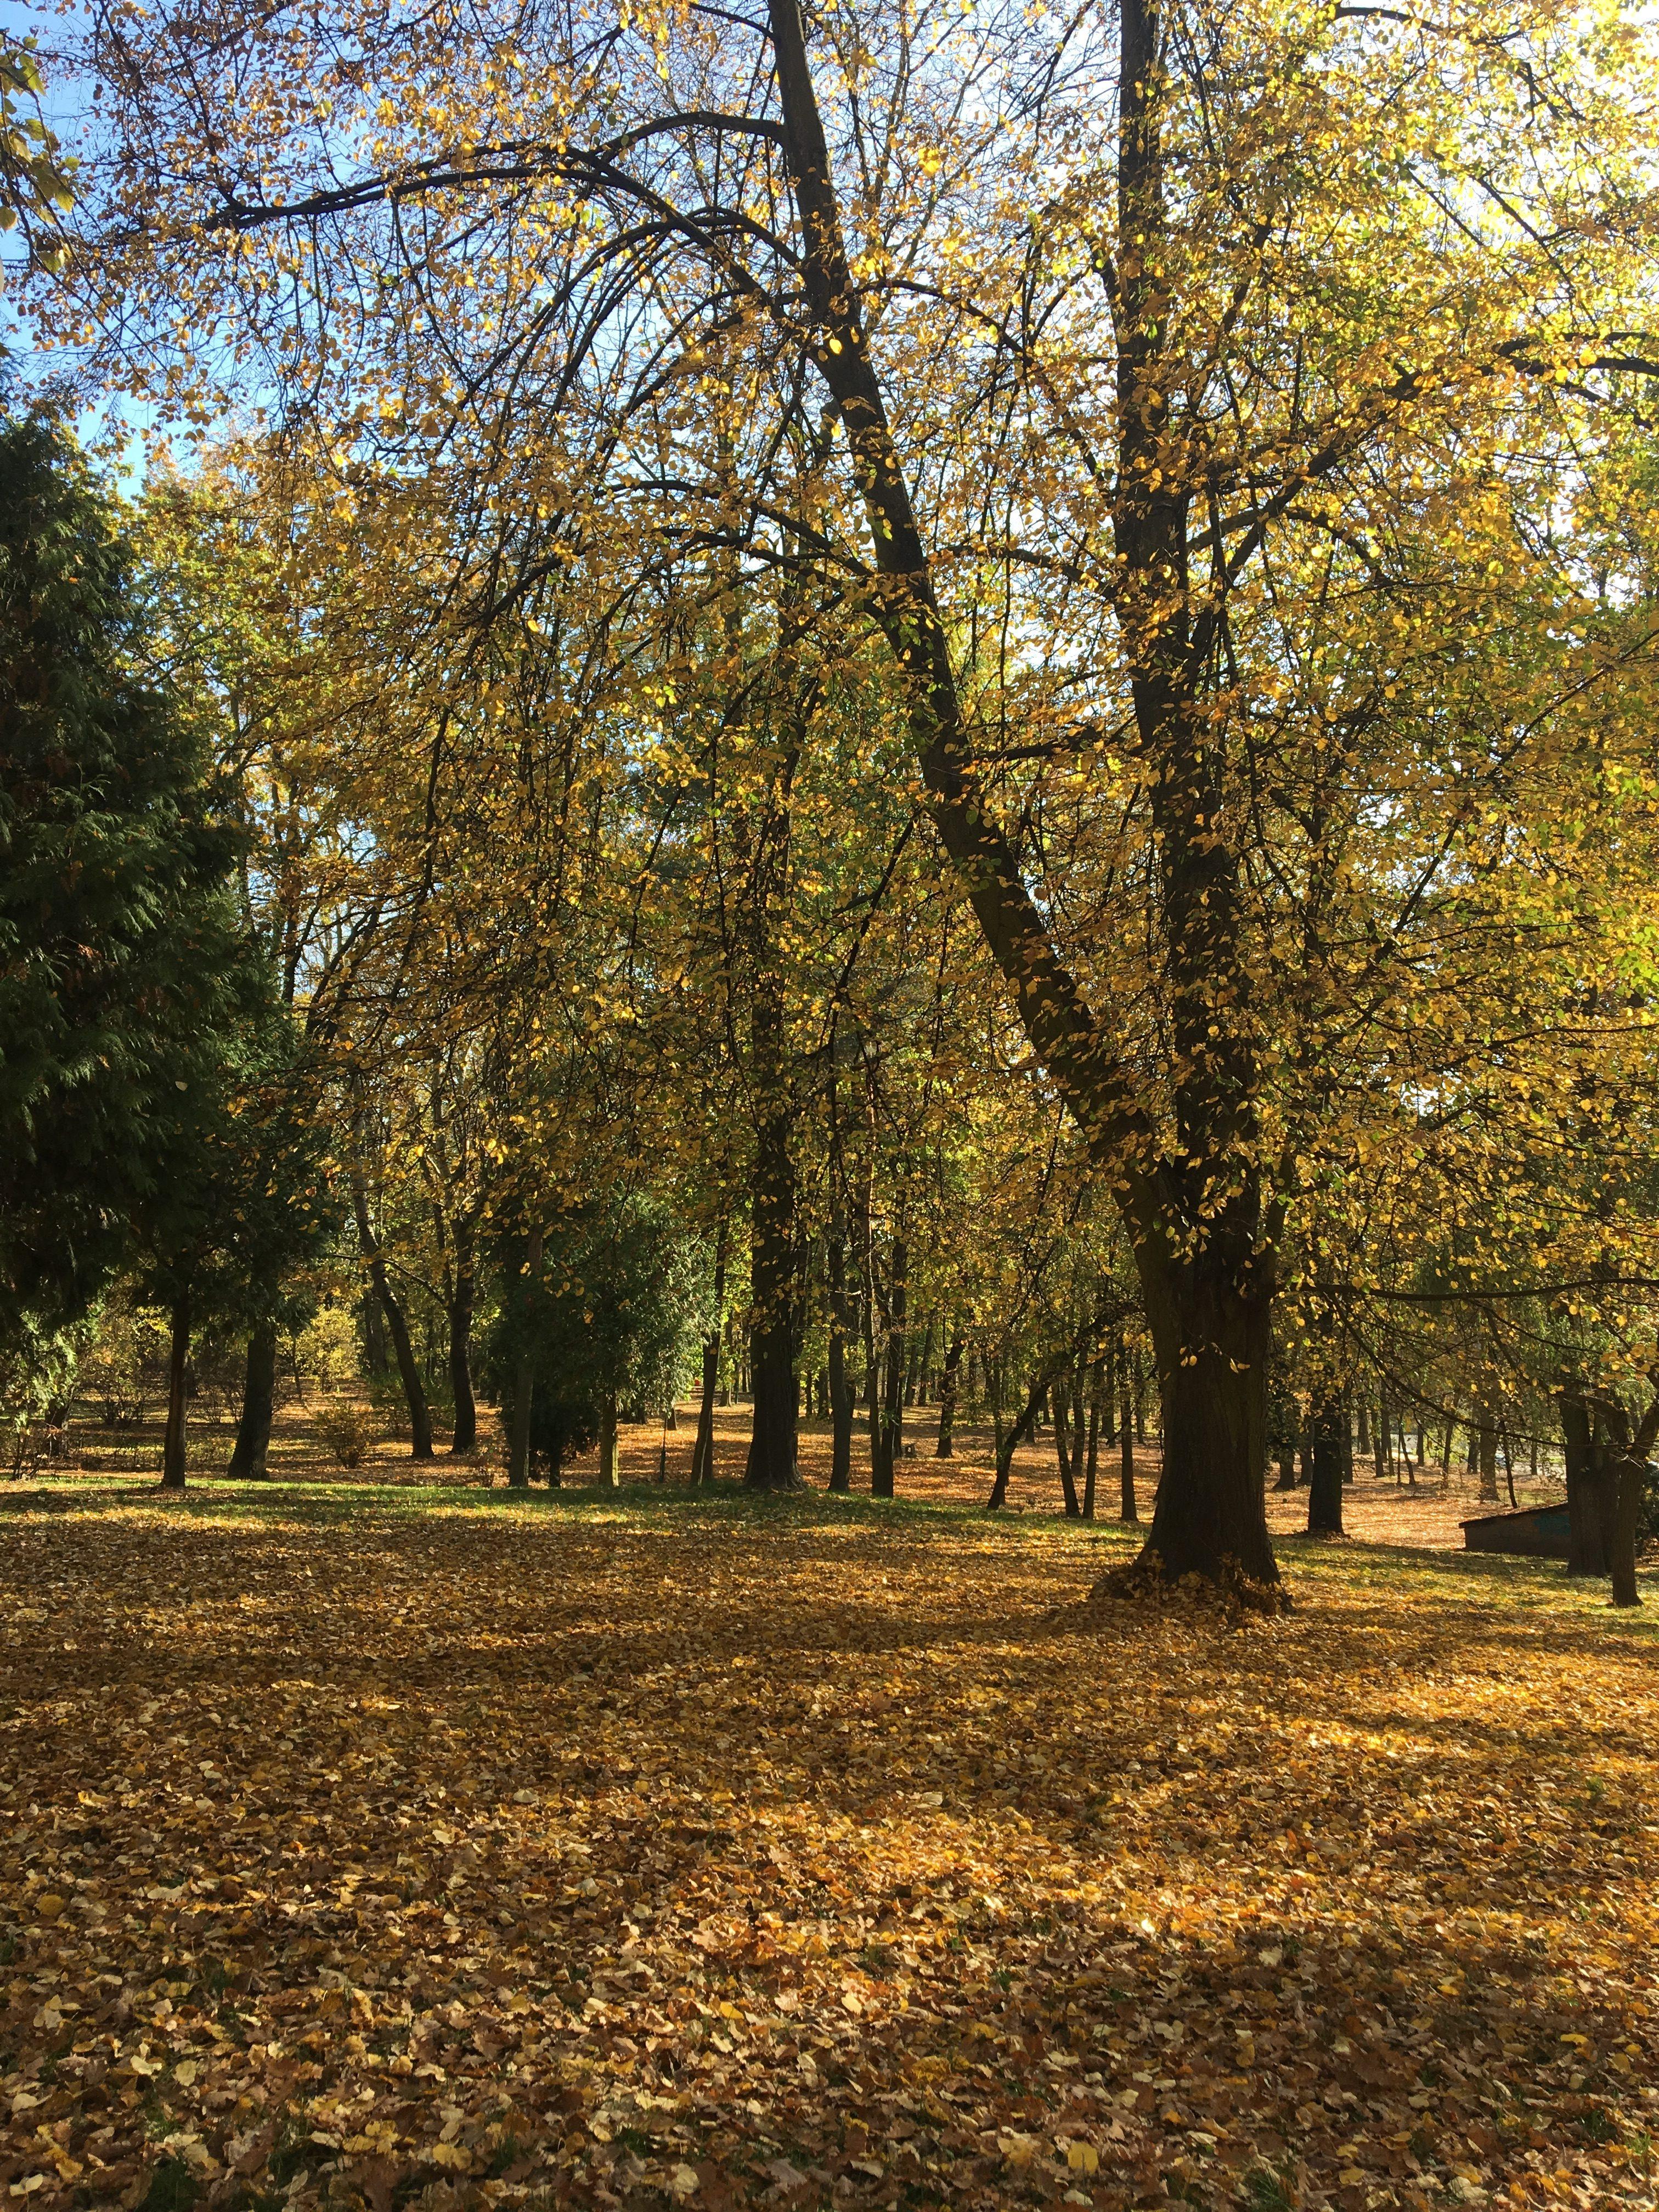 odczarowywanie jesieni w lesie